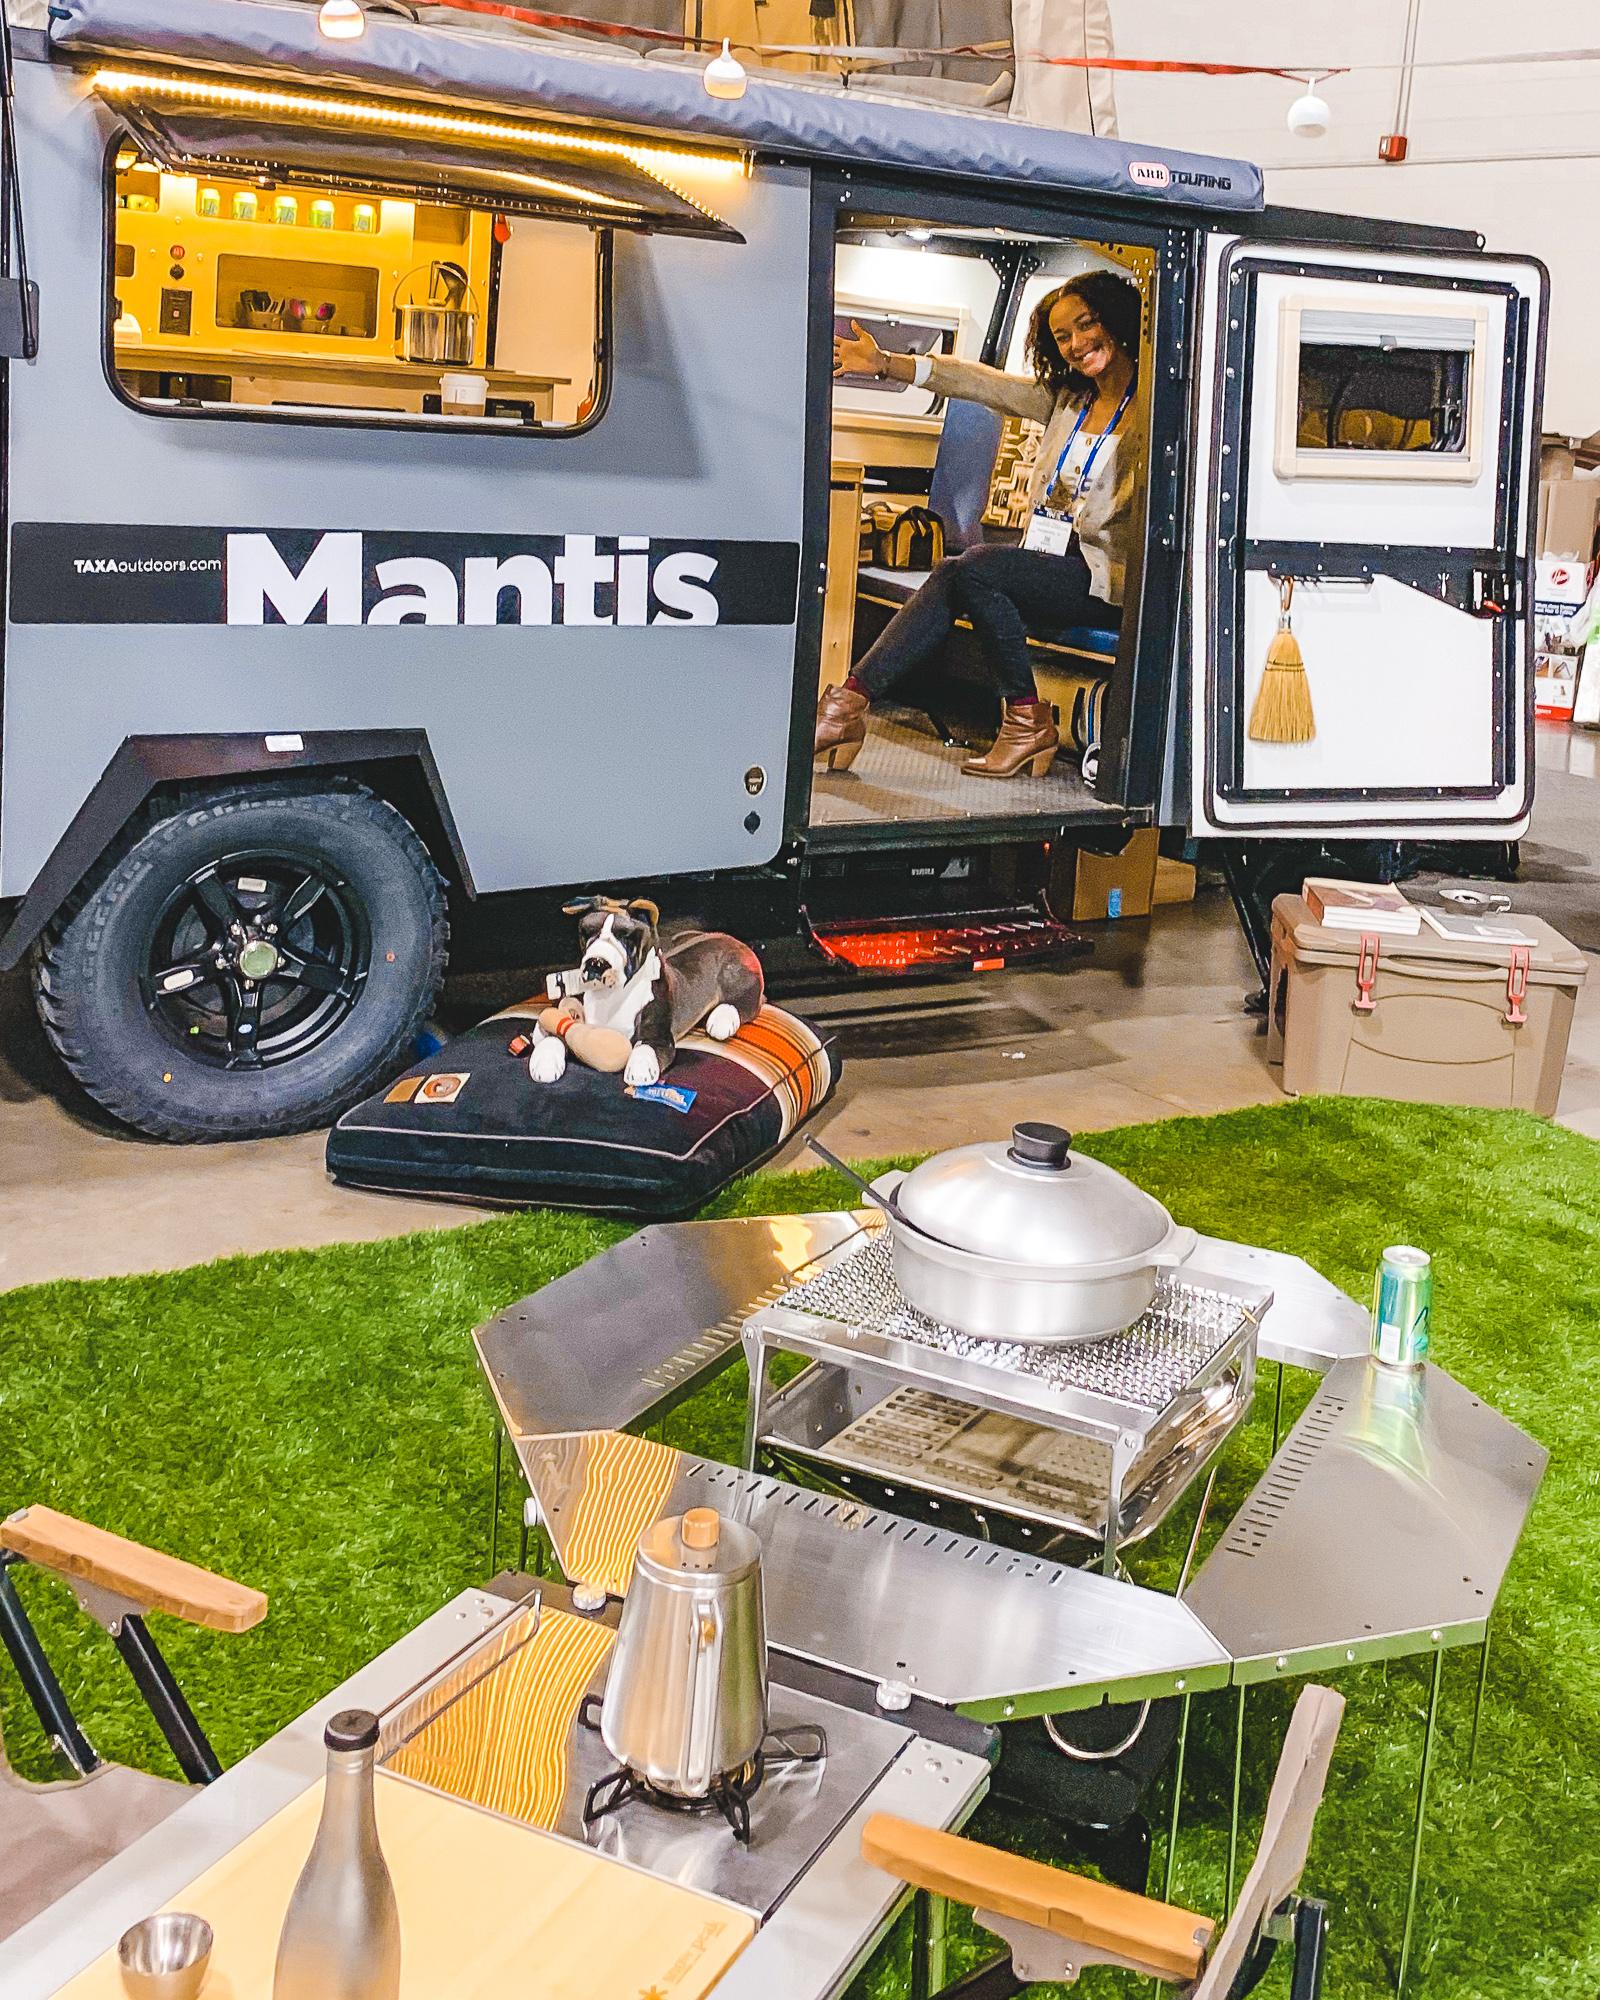 TAXA Mantis RV camper trailer at RVX - ochristine